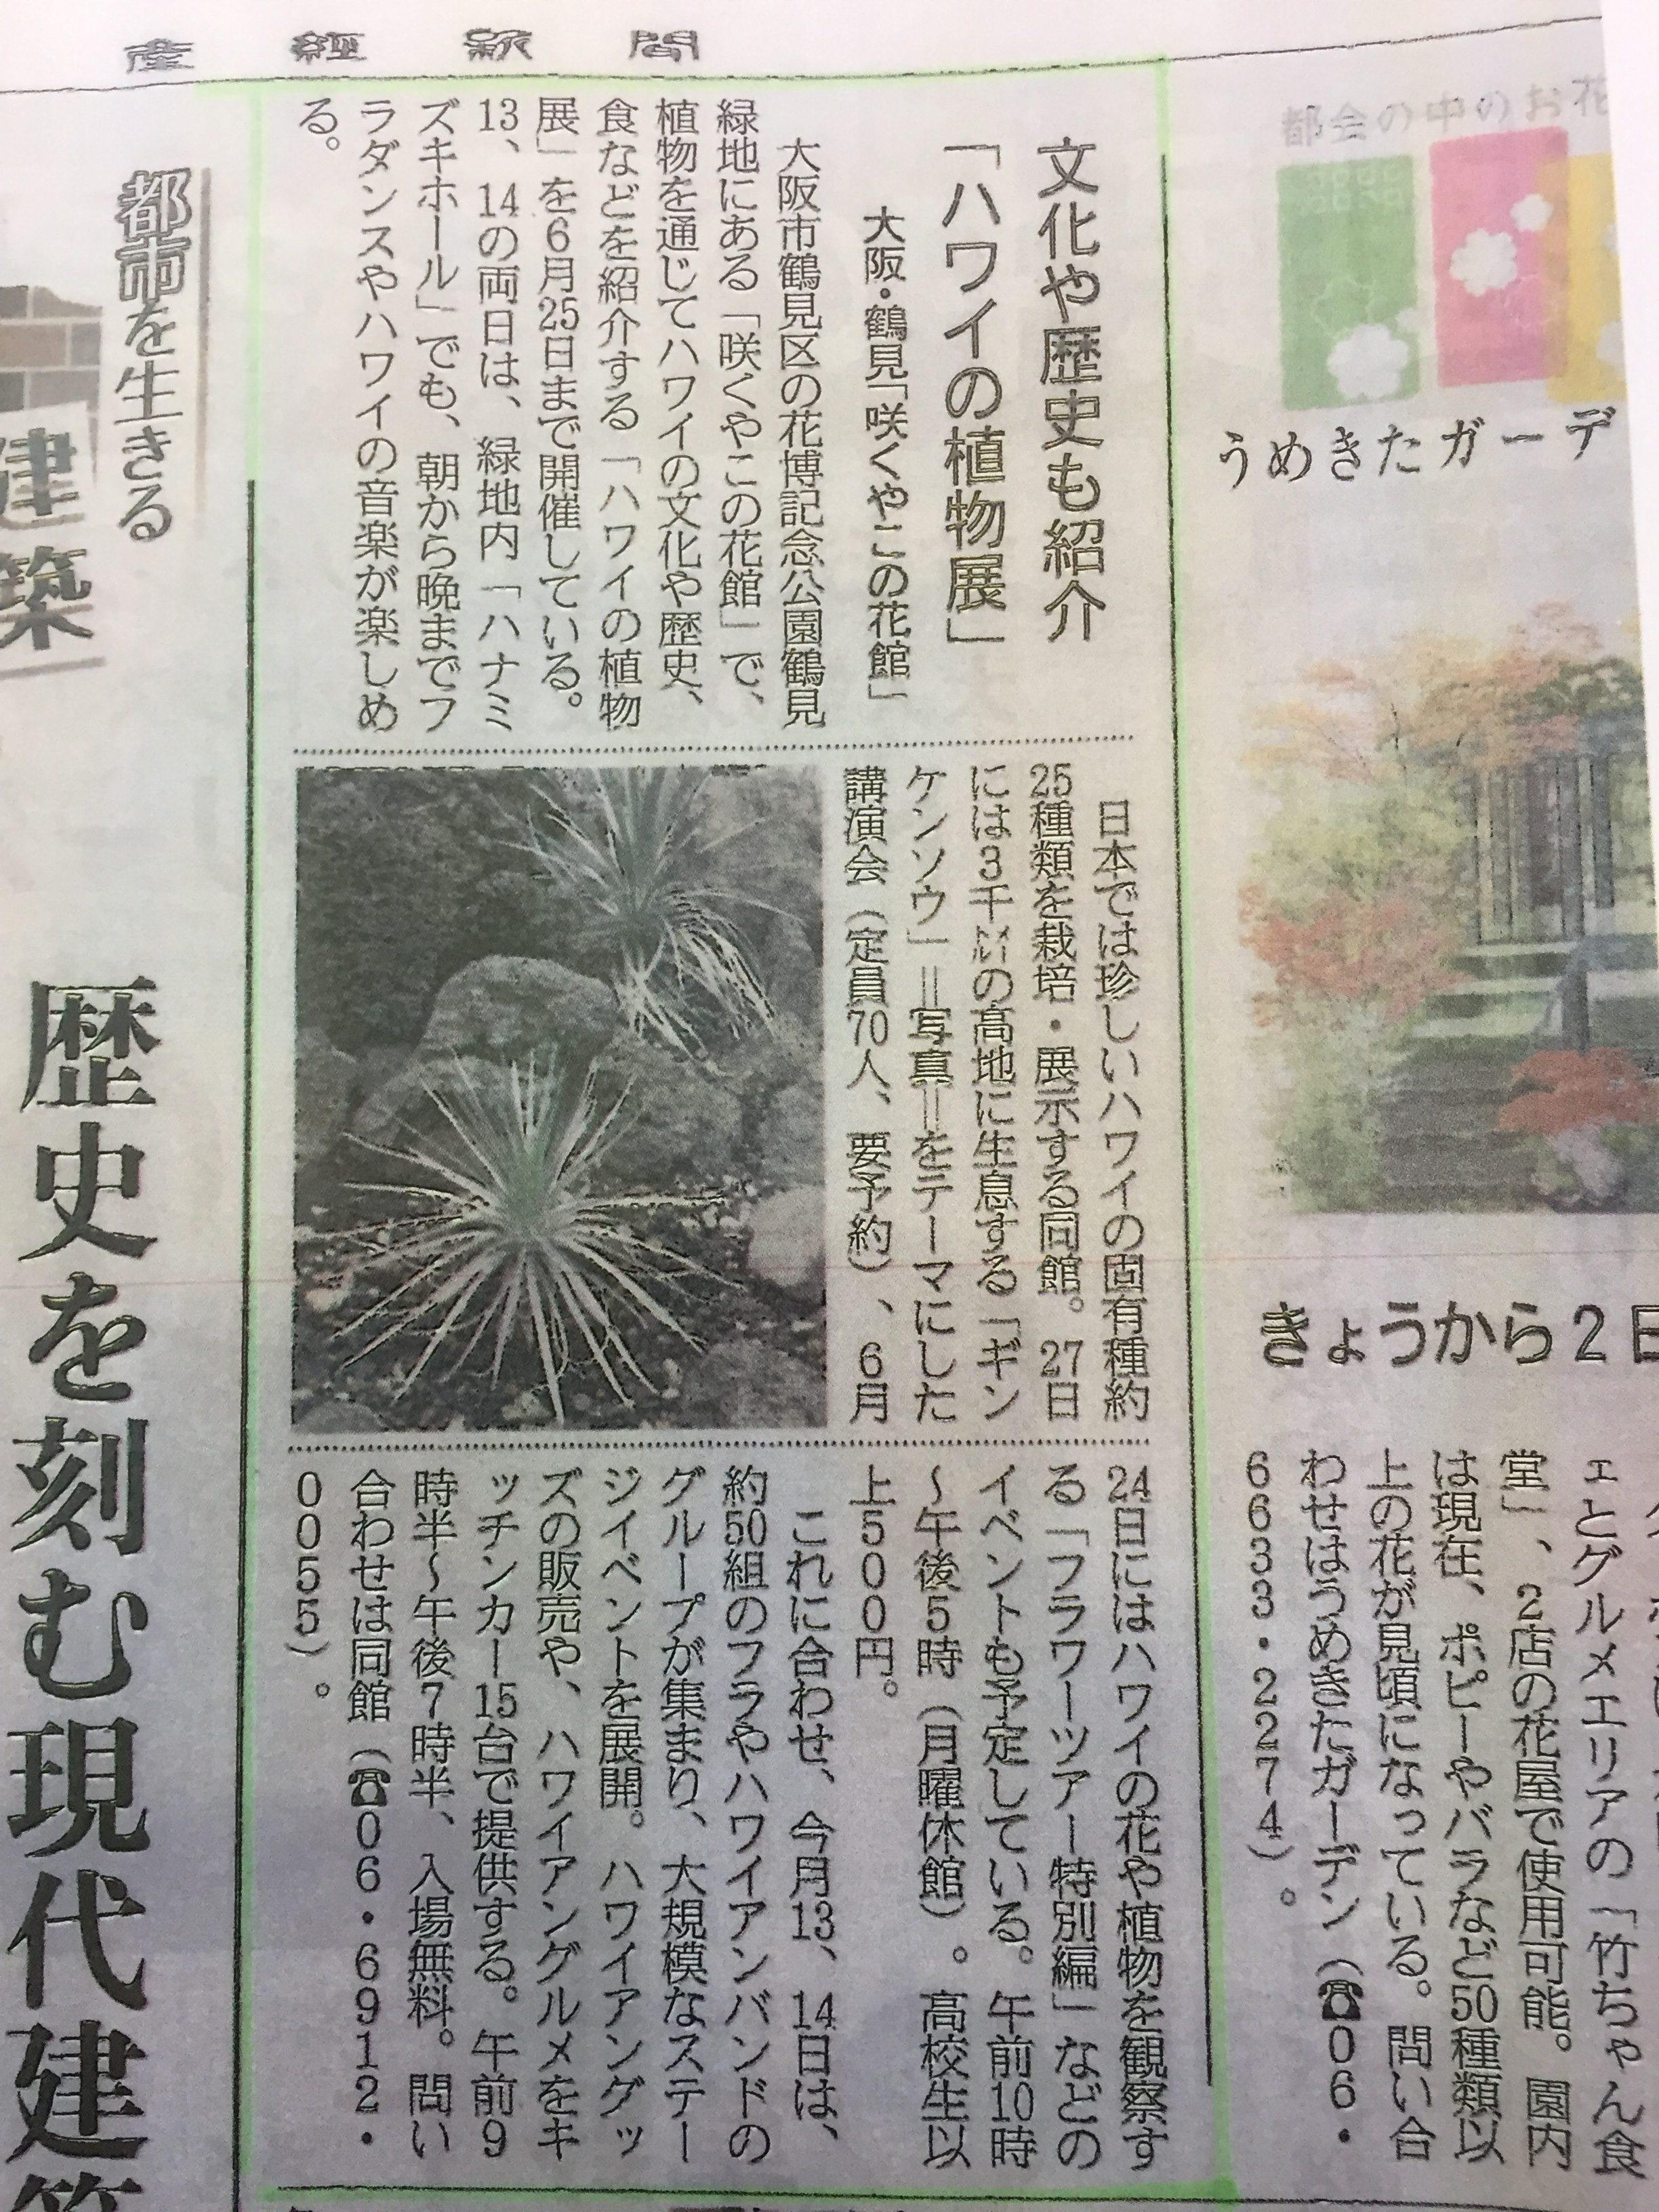 産経新聞さんでイベントが紹介されました!